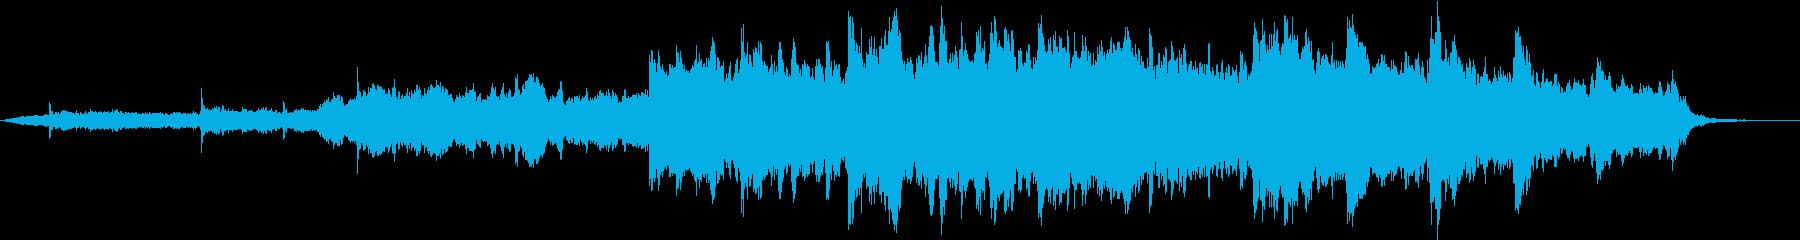 オーケストラ楽器/サウンドスケープ...の再生済みの波形